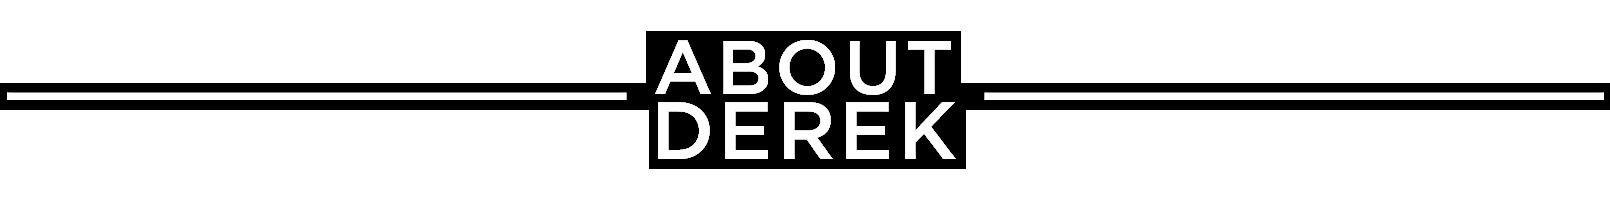 Derek Hough - About Derek Hough